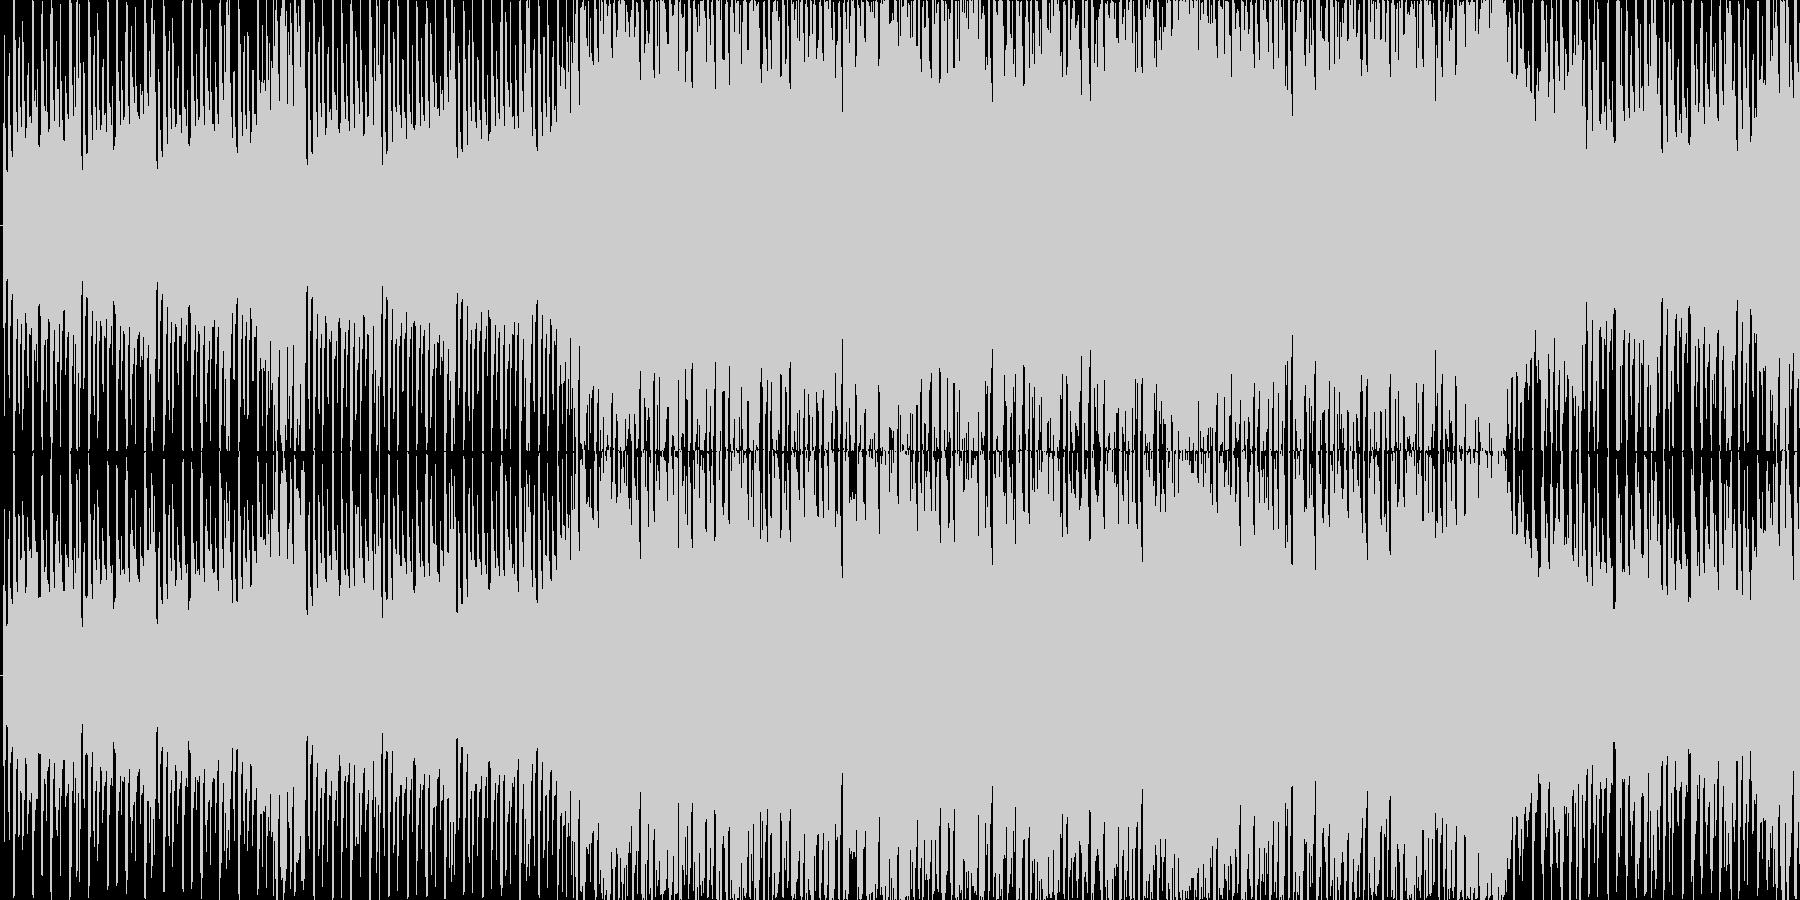 勝利のアクティブで爽やかBGM_LOOPの未再生の波形